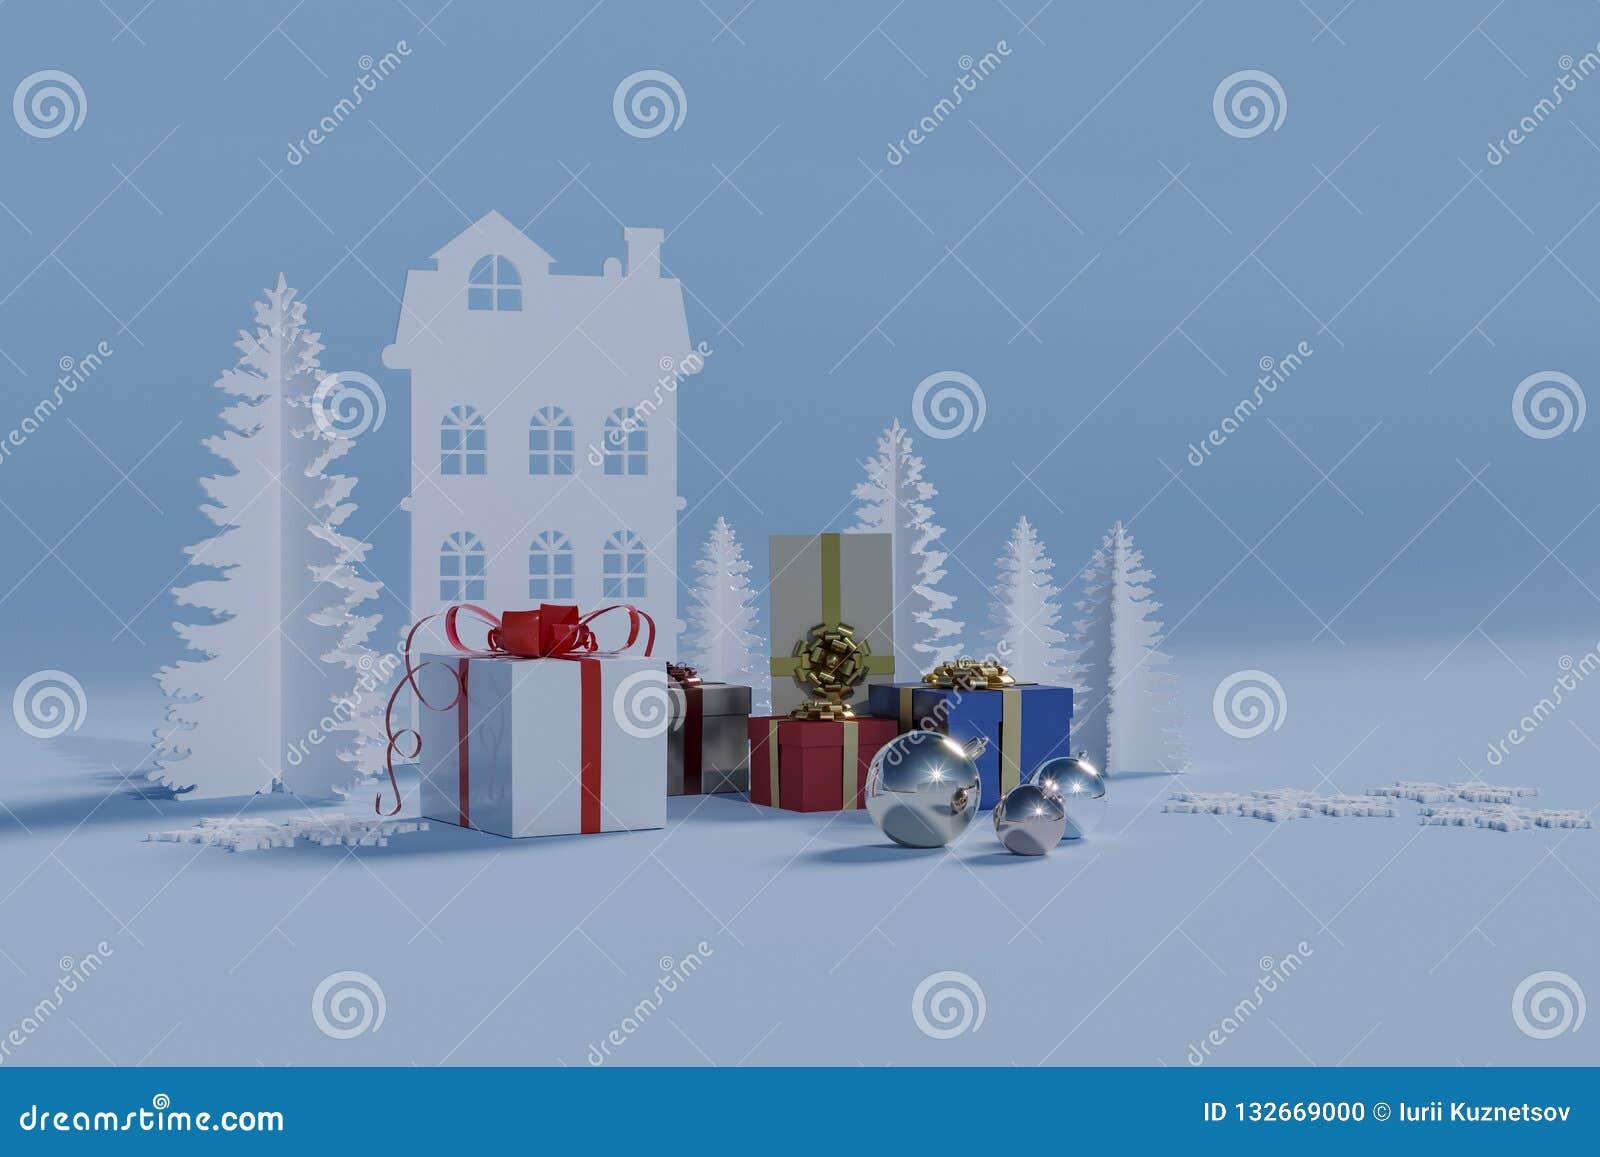 Подарки на зимние отдыхи